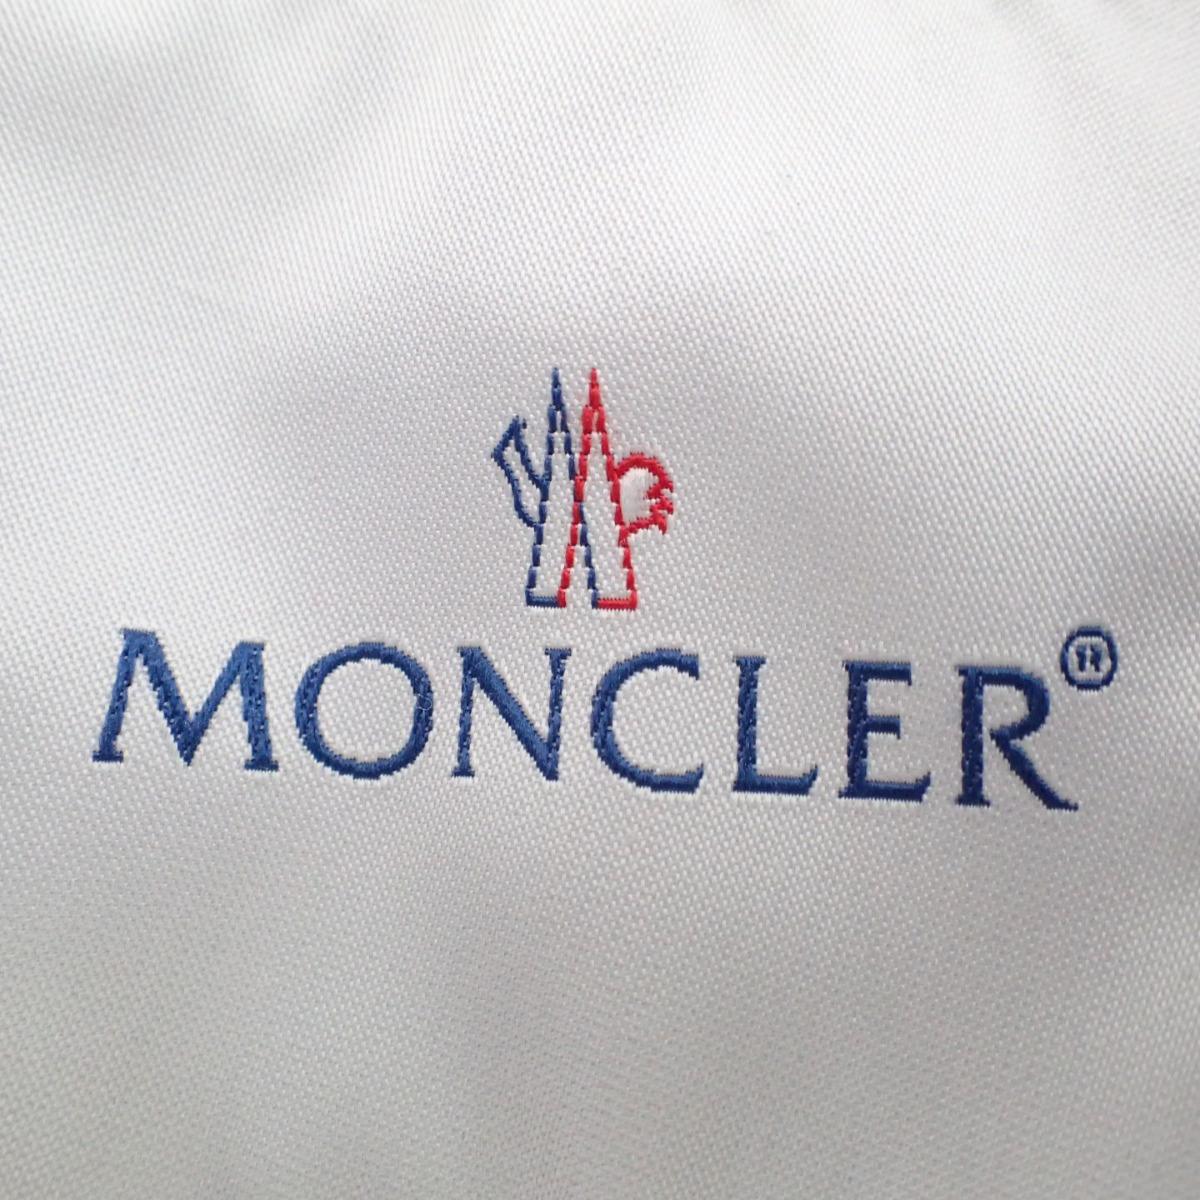 MONCLERモンクレール 国内正規 44380 SAUTERNEソーテルヌ フード付ダウンジャケット3 グリーンカモフラ メンズDYeWE2H9Ib